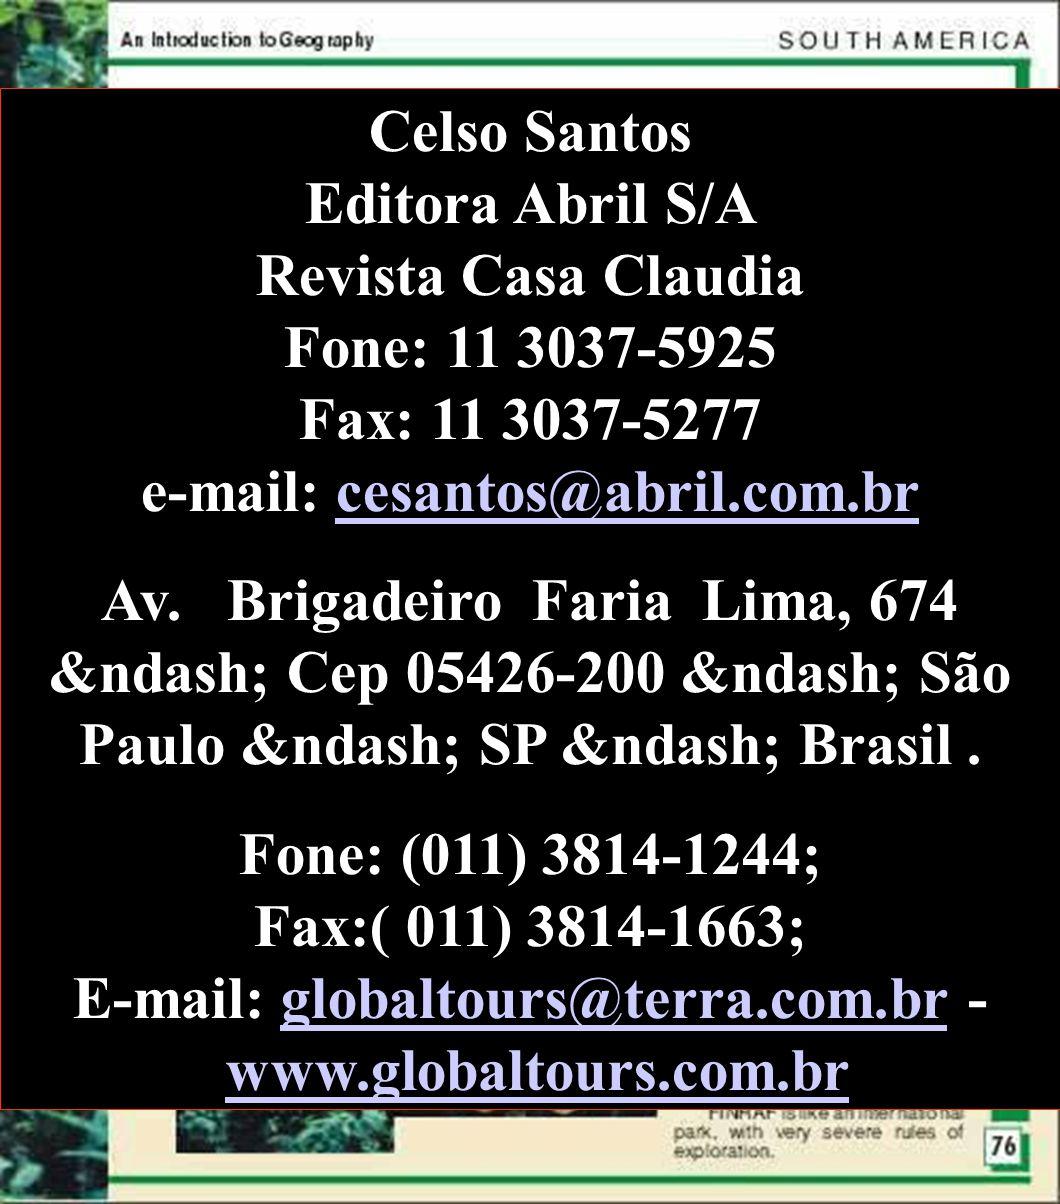 Celso Santos Editora Abril S/A Revista Casa Claudia Fone: 11 3037-5925 Fax: 11 3037-5277 e-mail: cesantos@abril.com.br